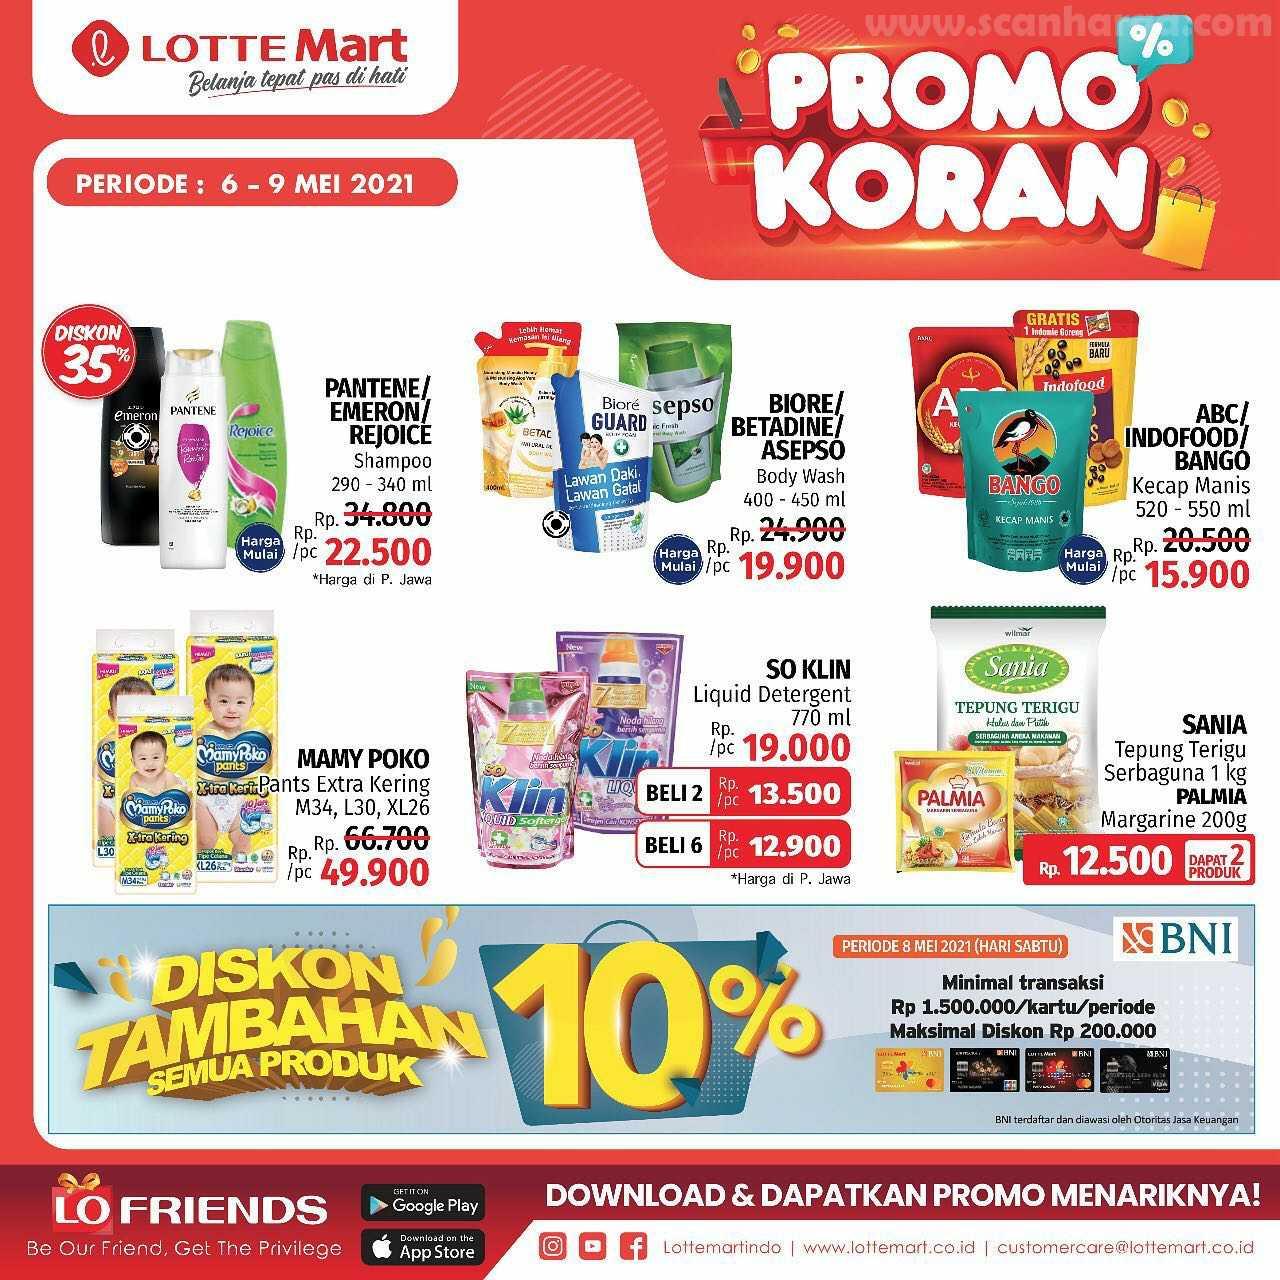 Katalog Promo Lottemart Weekend 6 - 9 Mei 2021 6